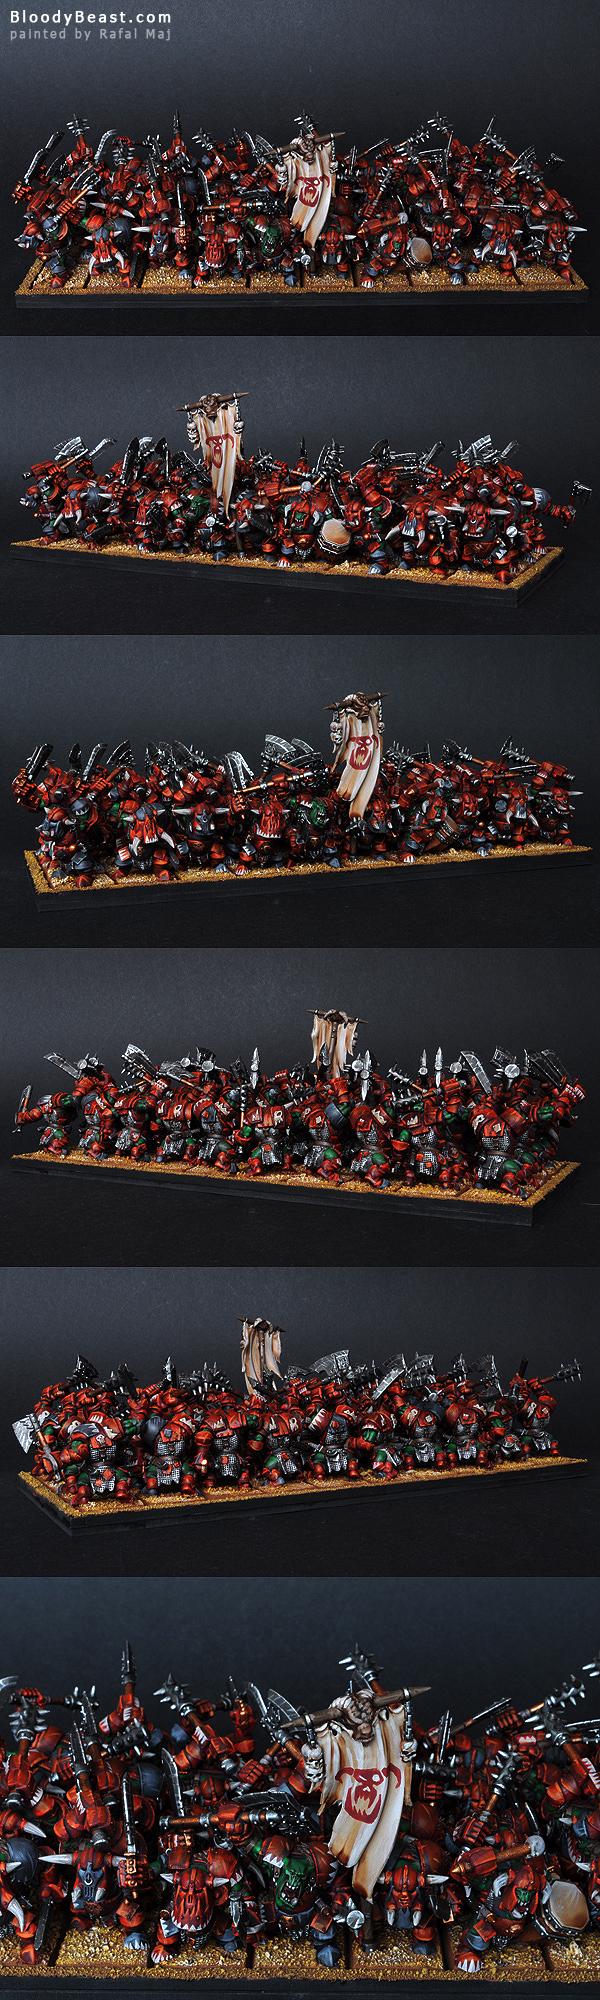 Black Orcs Krimson Killes Horde painted by Rafal Maj (BloodyBeast.com)